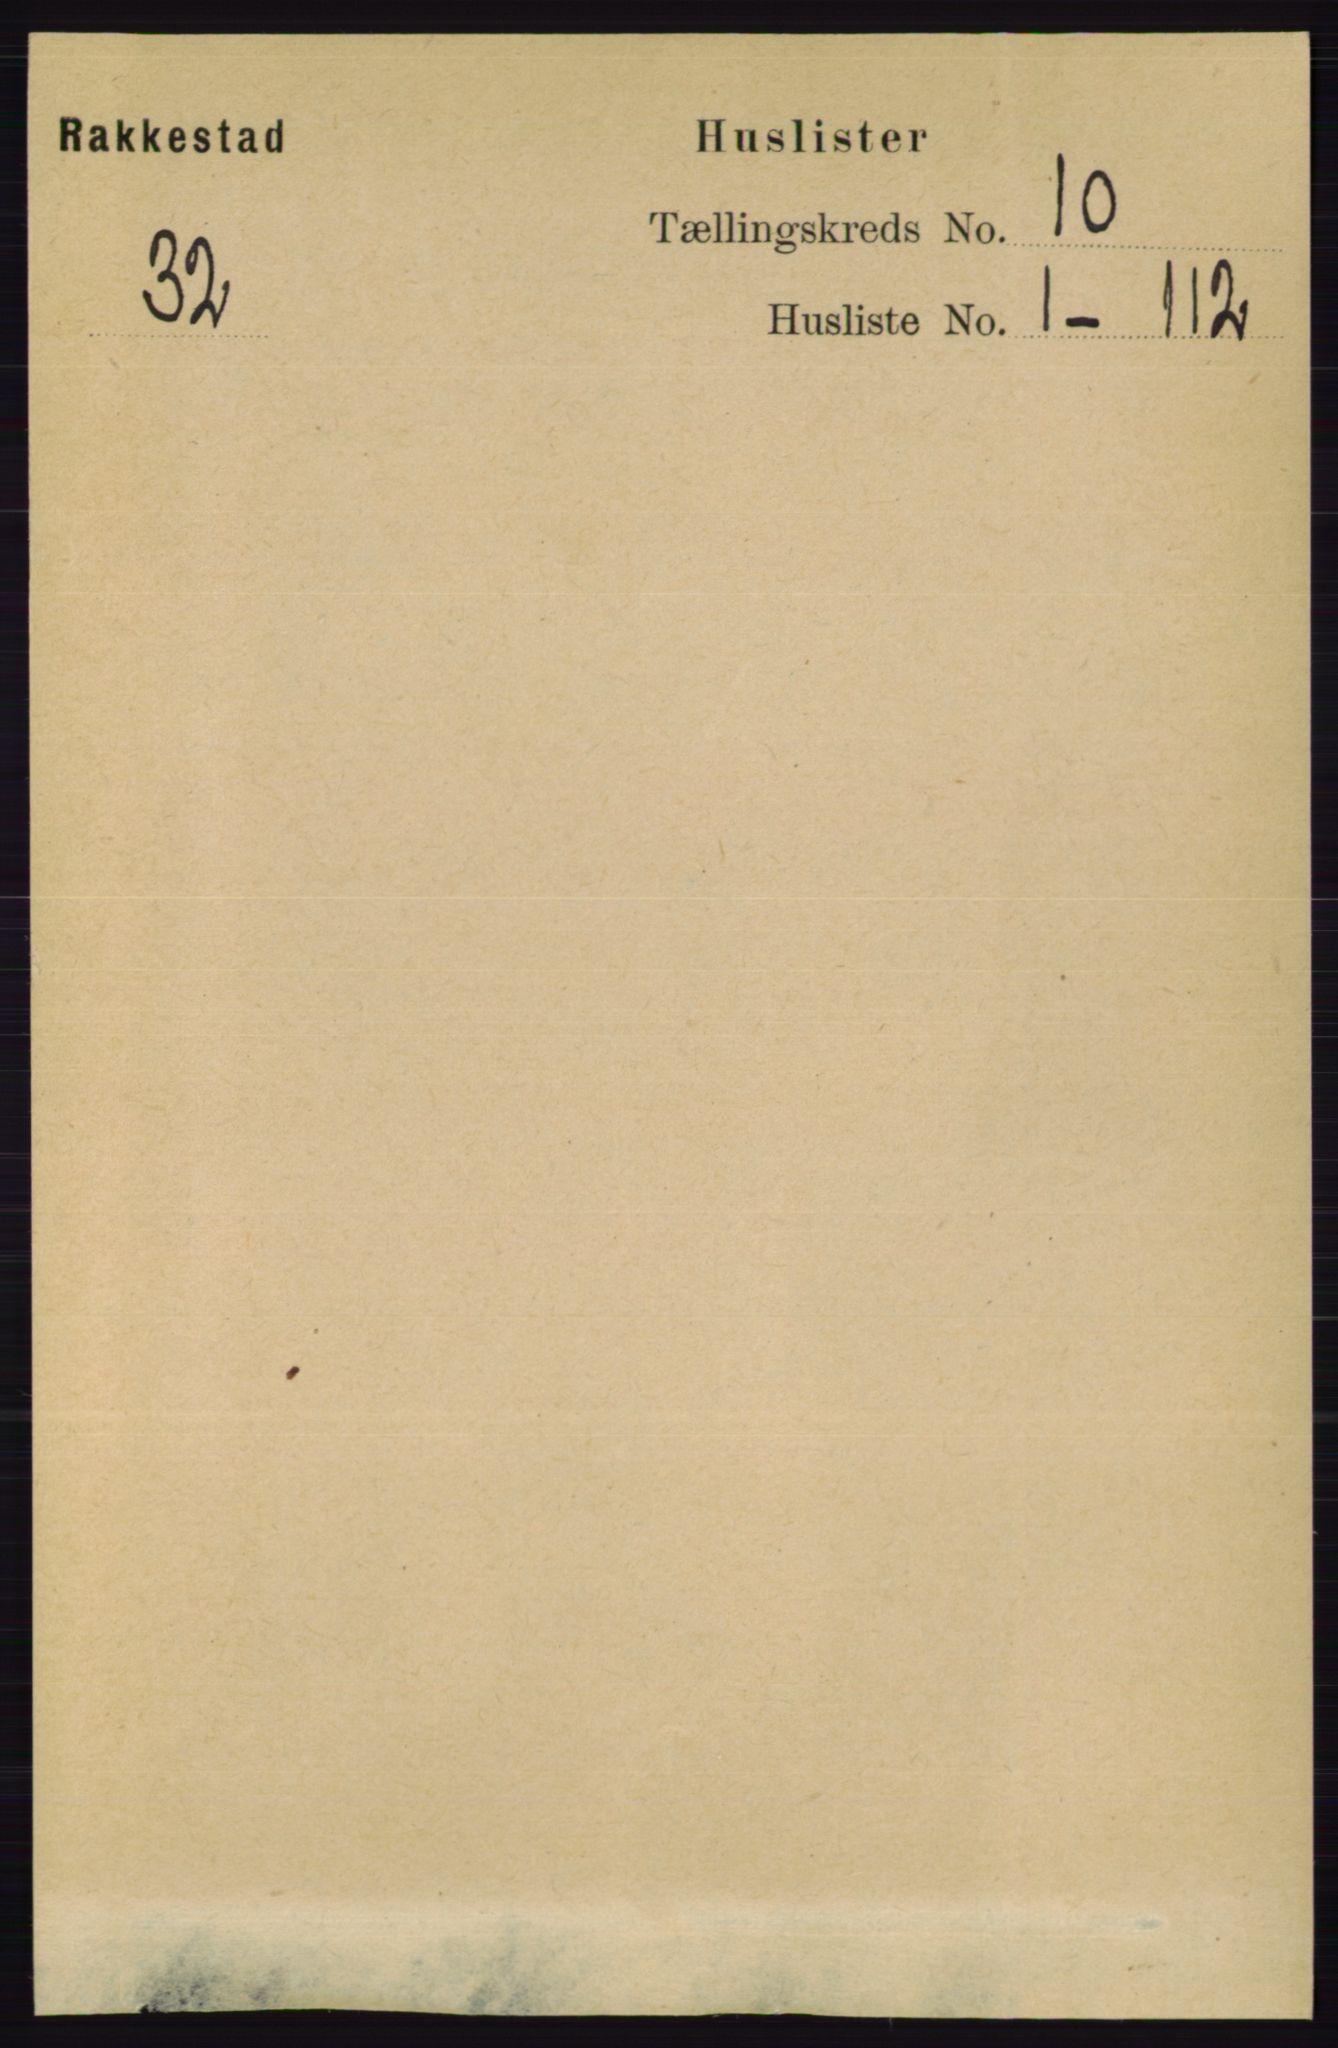 RA, Folketelling 1891 for 0128 Rakkestad herred, 1891, s. 4324